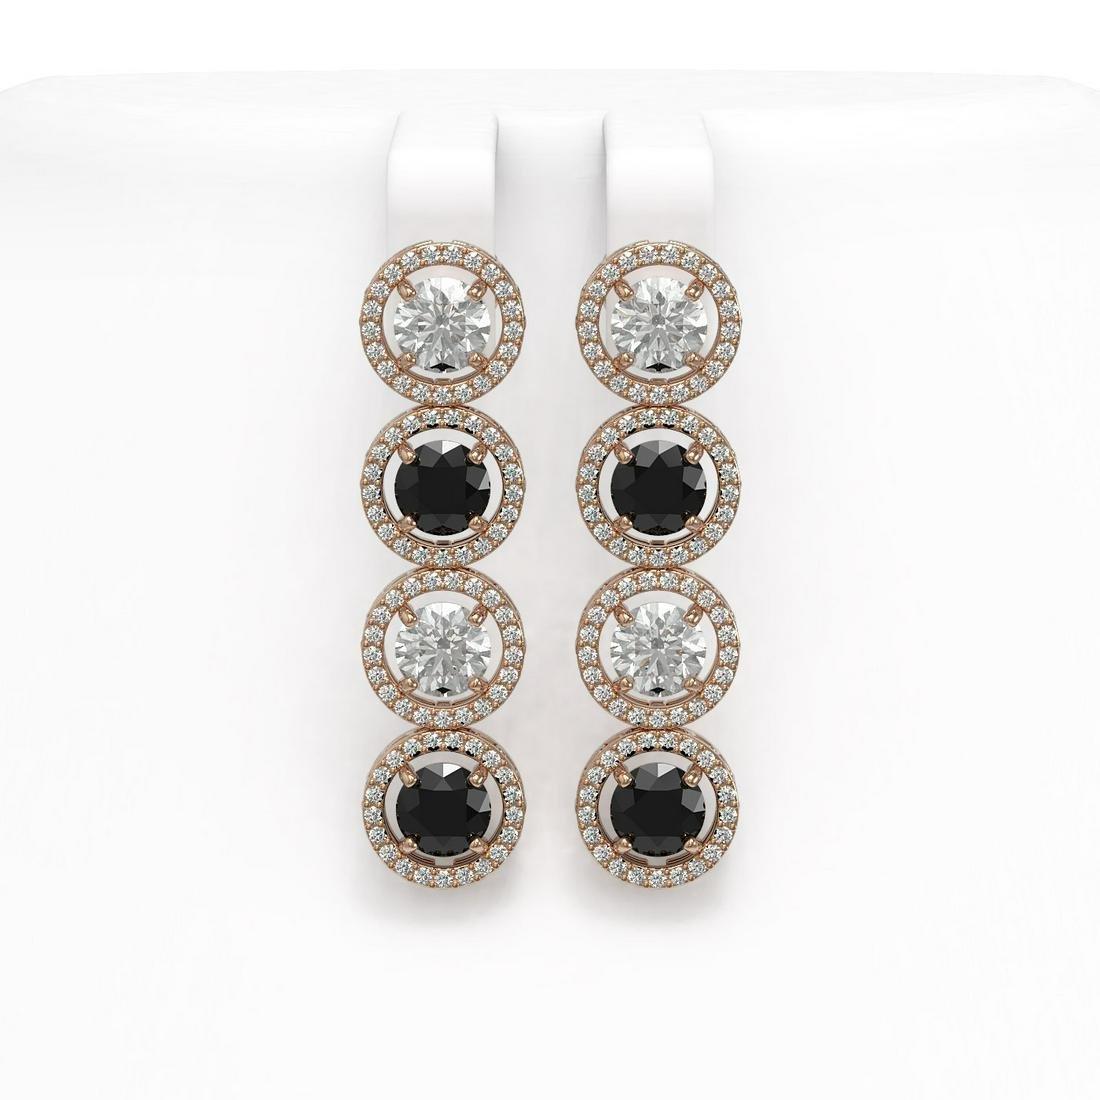 6.22 ctw Black & Diamond Earrings 18K Rose Gold